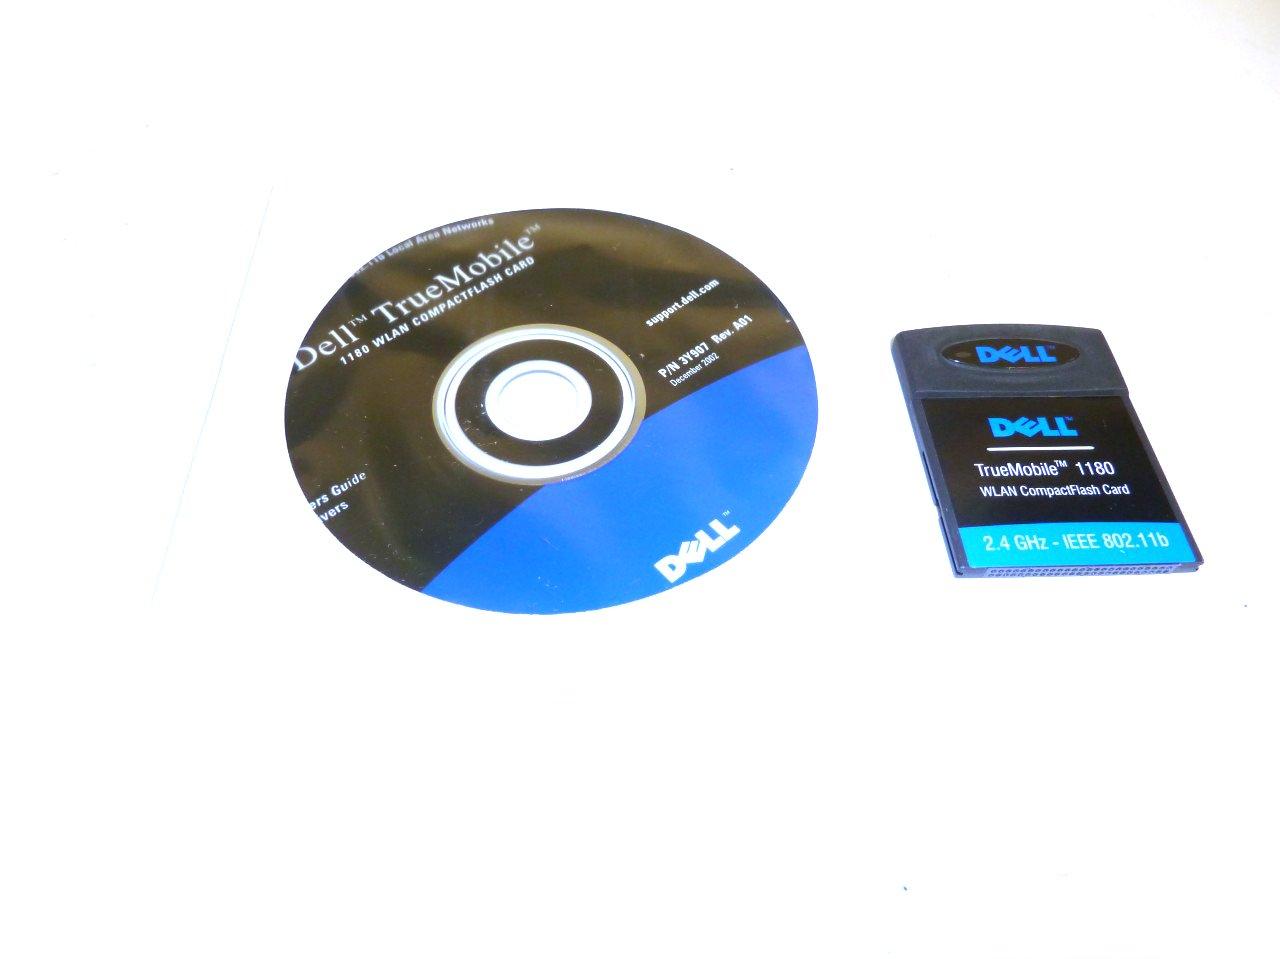 DELL TRUEMOBILE 1180 CF CARD DRIVERS PC